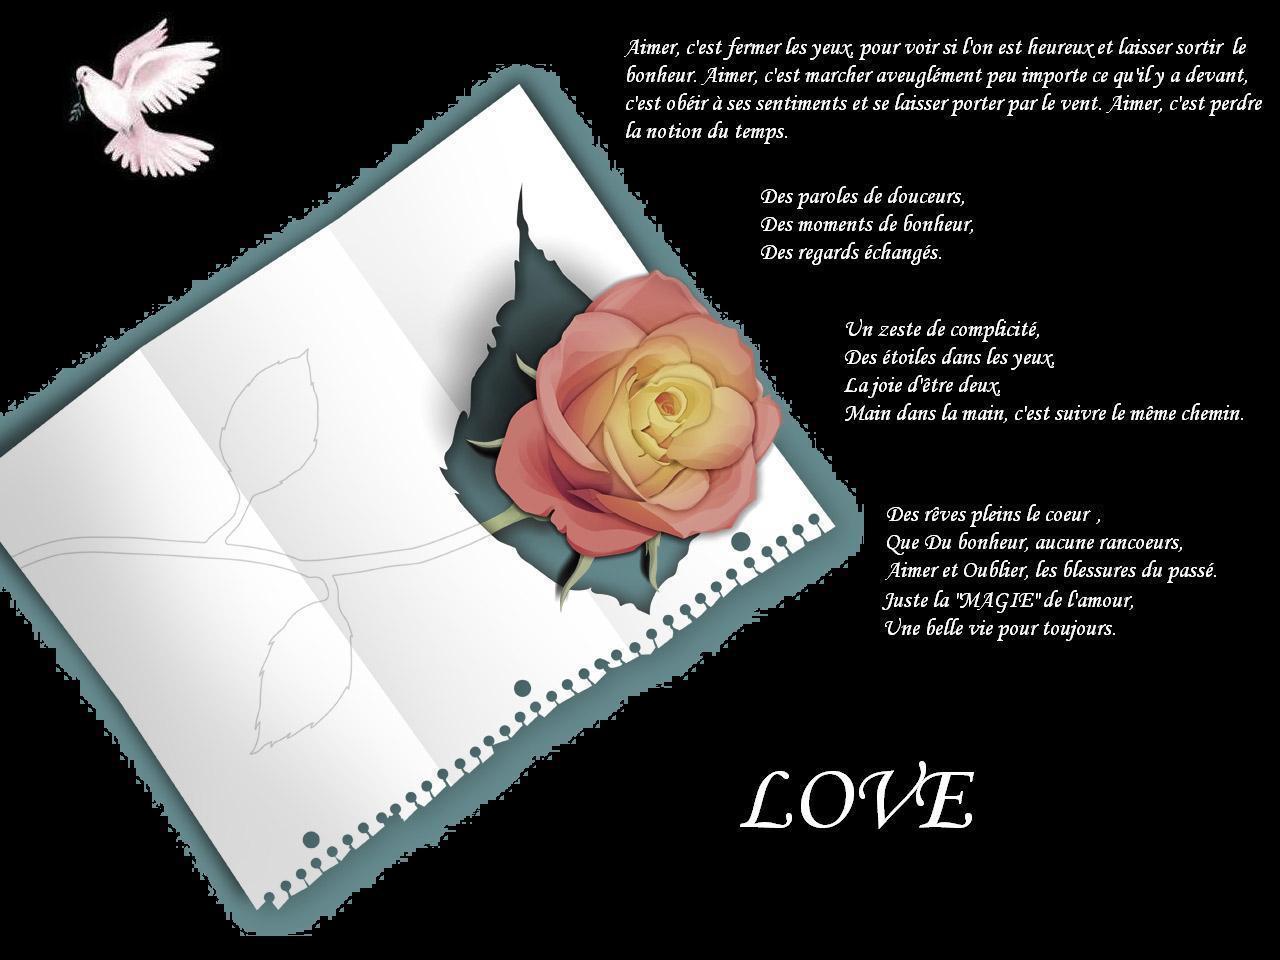 fond d'écran texte d'amour